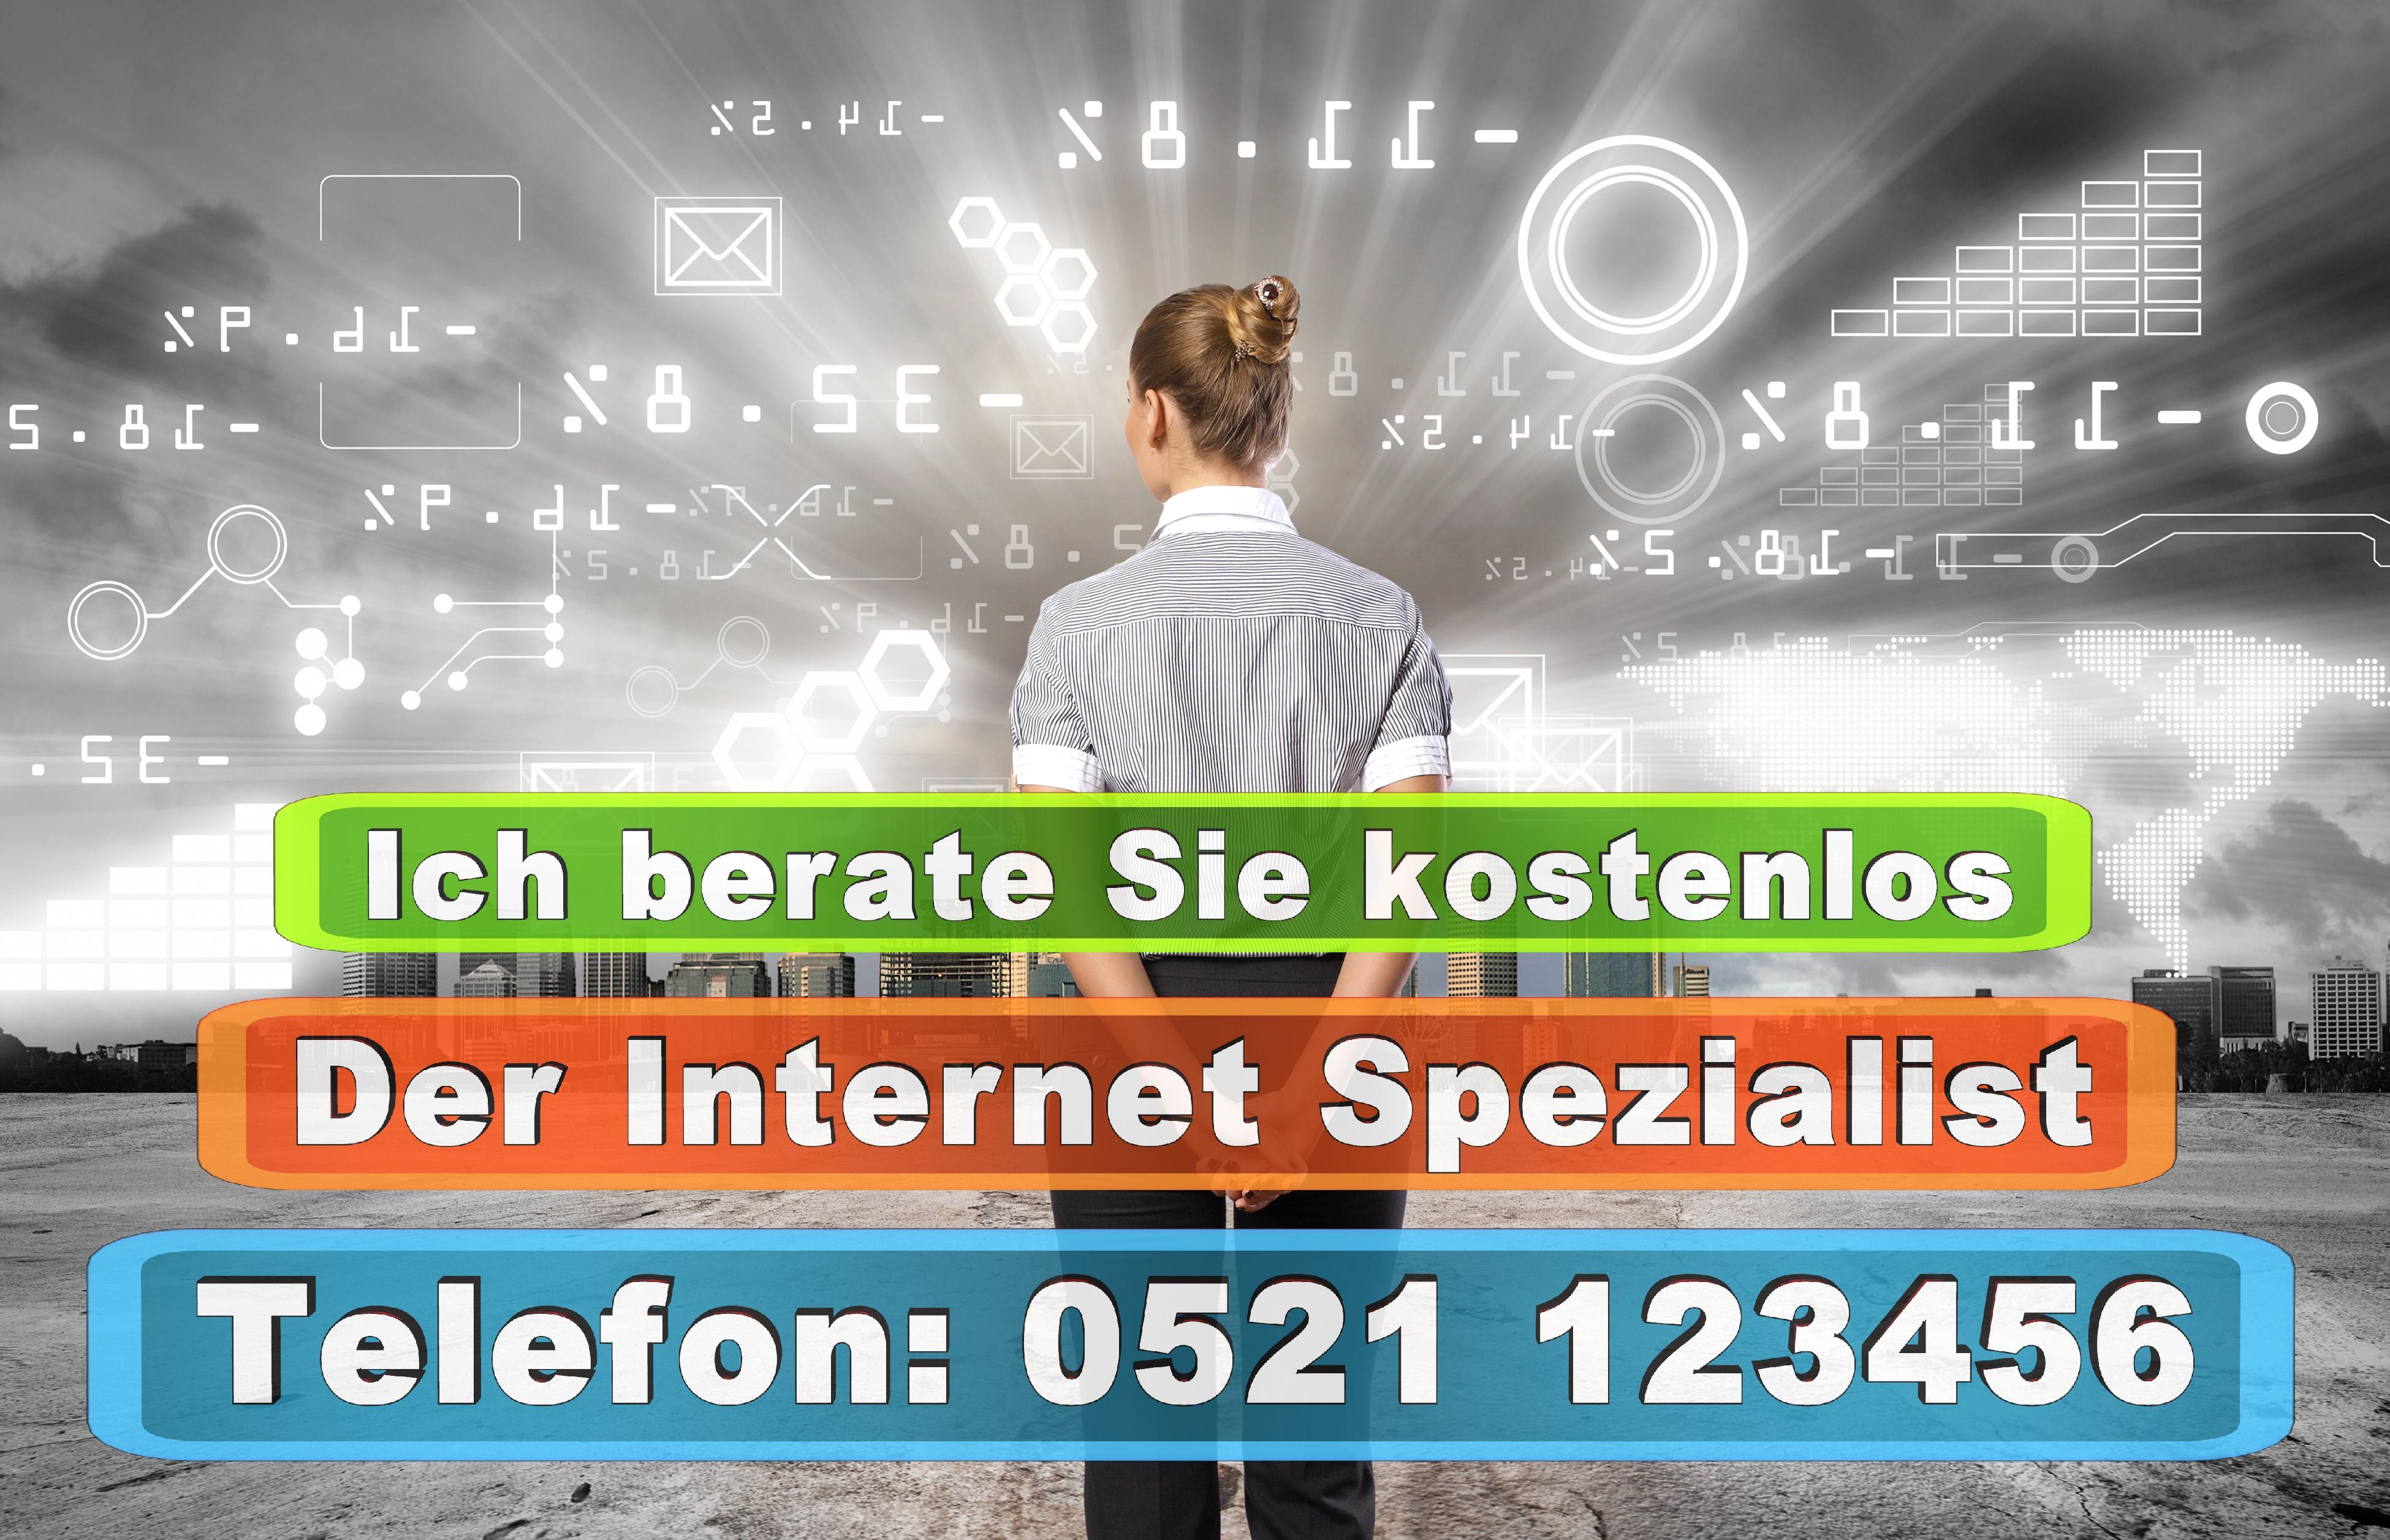 Bielefeld Werbeagenturen Druckereien Werbeplakate Print Druck Internet Computer Grafiker Designer Mode Geschäfte Bekleidung (7)